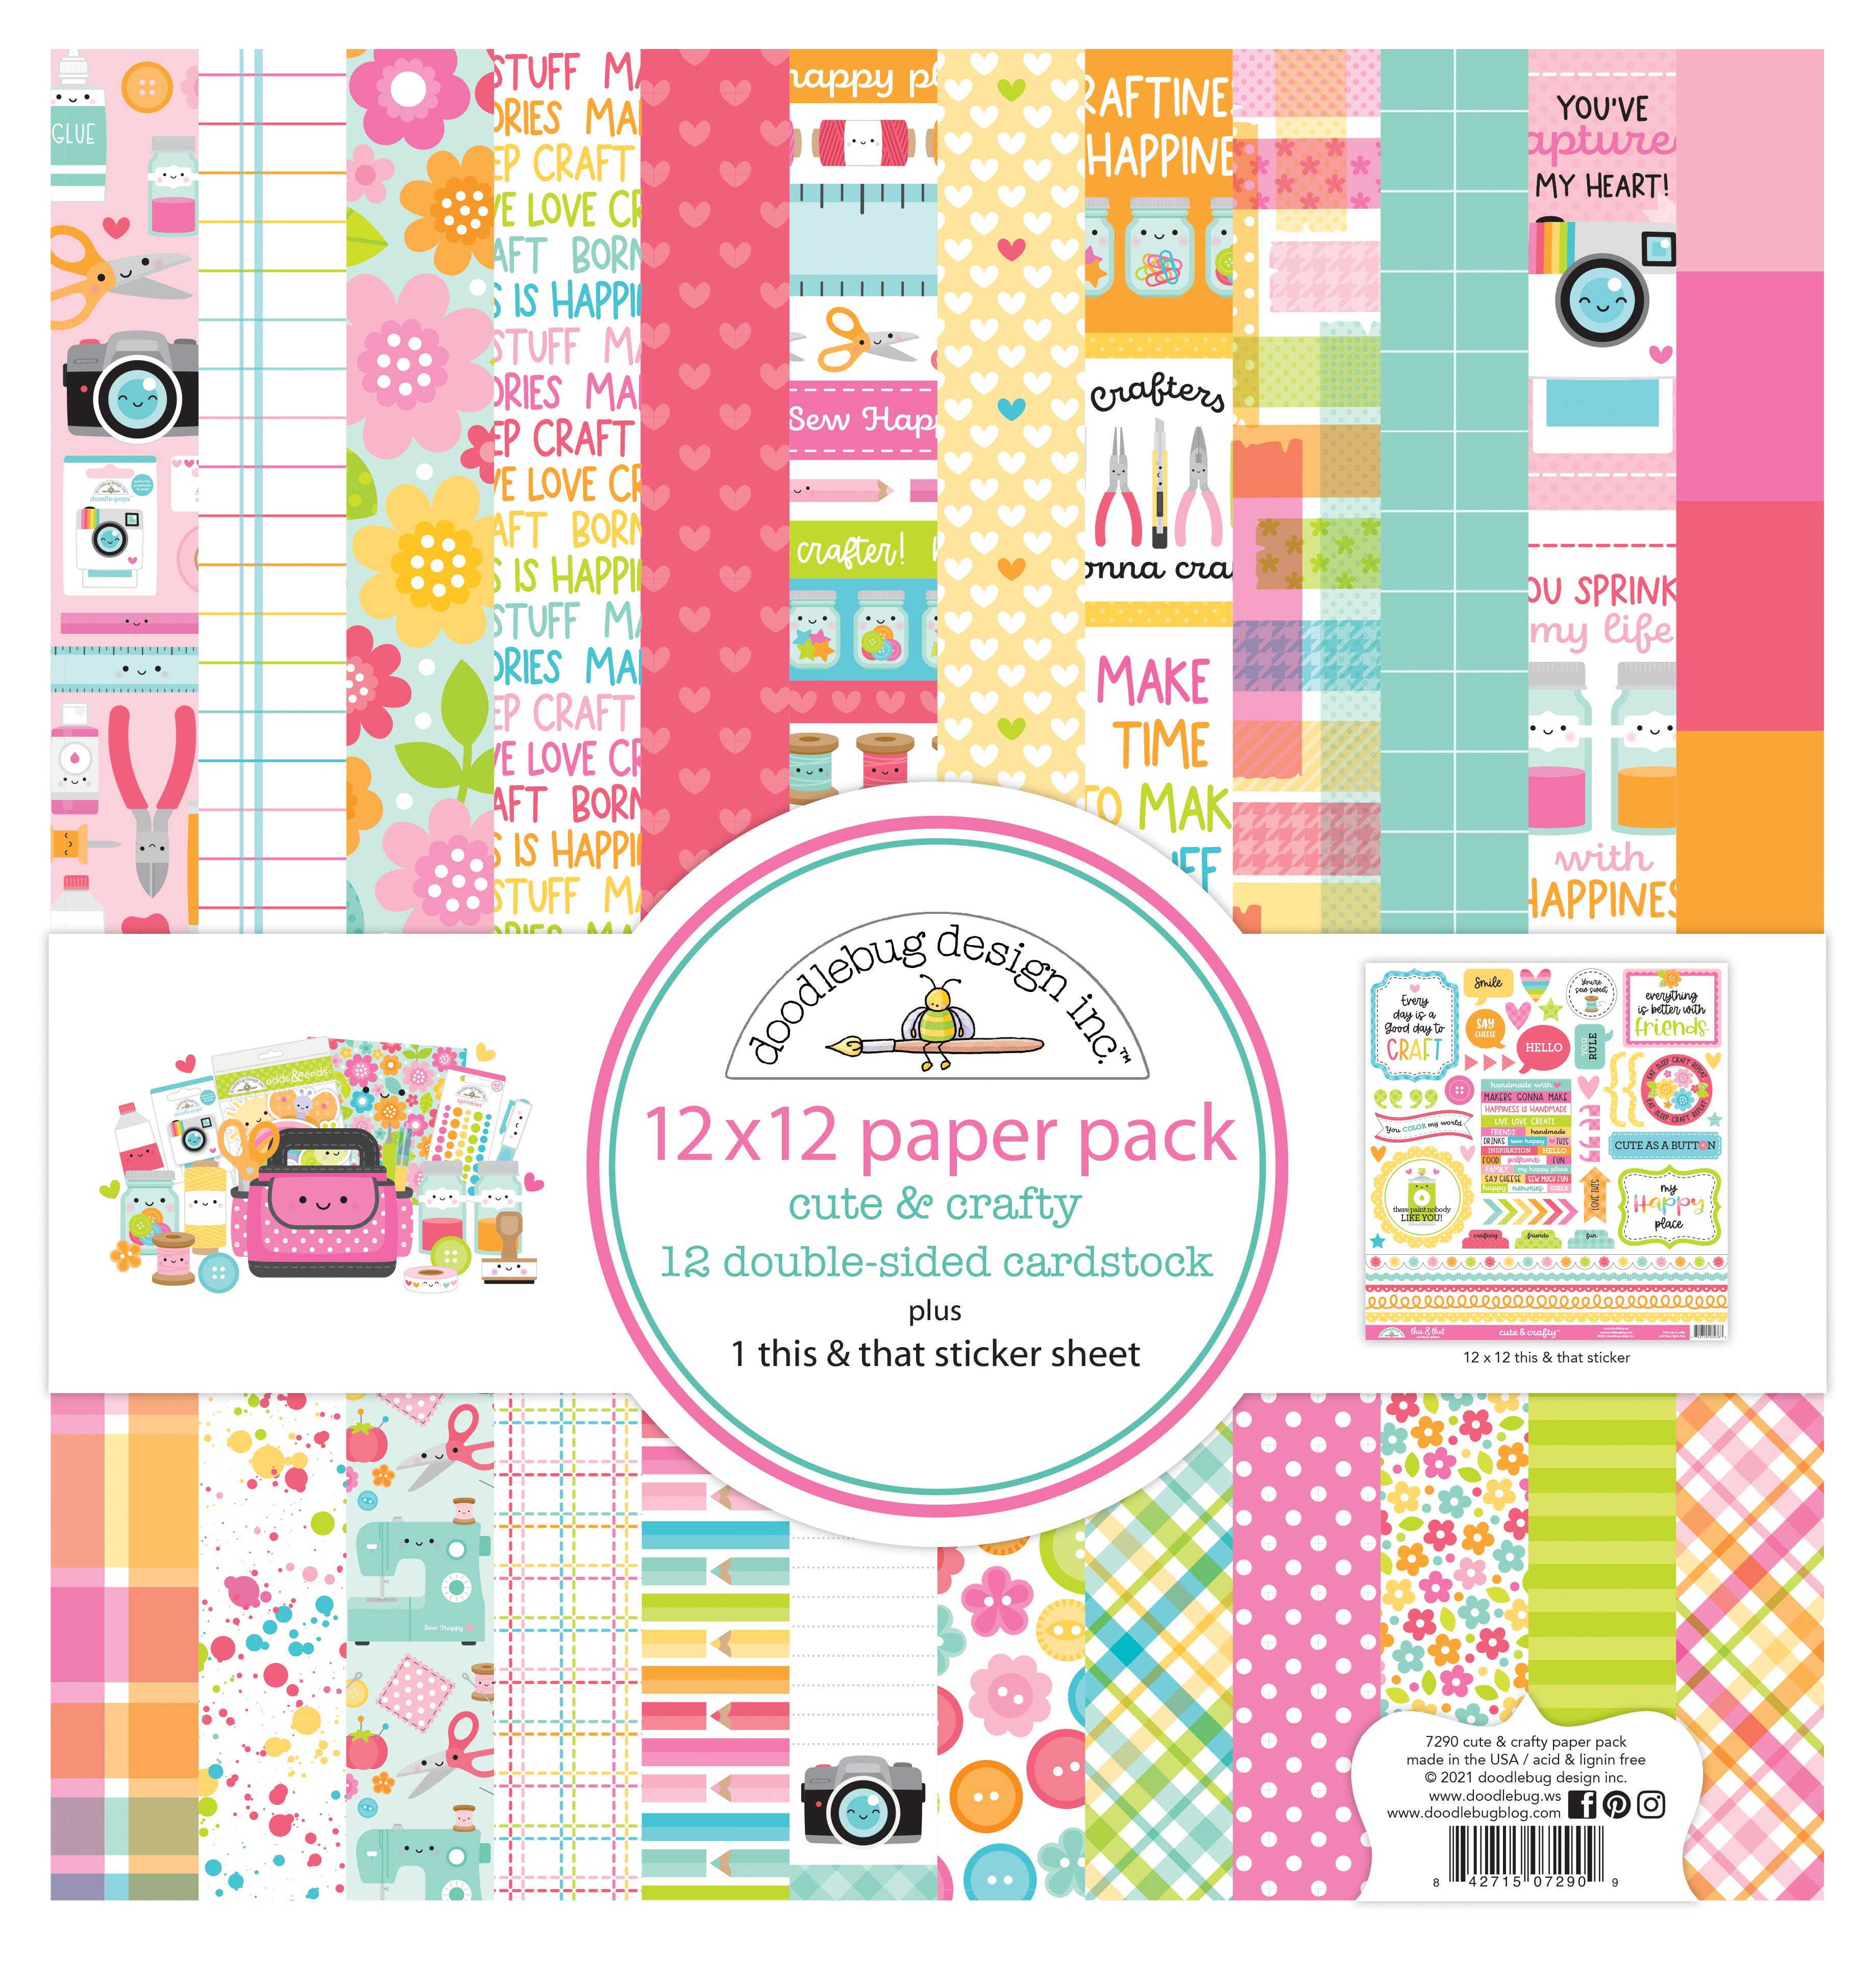 7290-cute-crafty-12x12-paper-pack.jpg